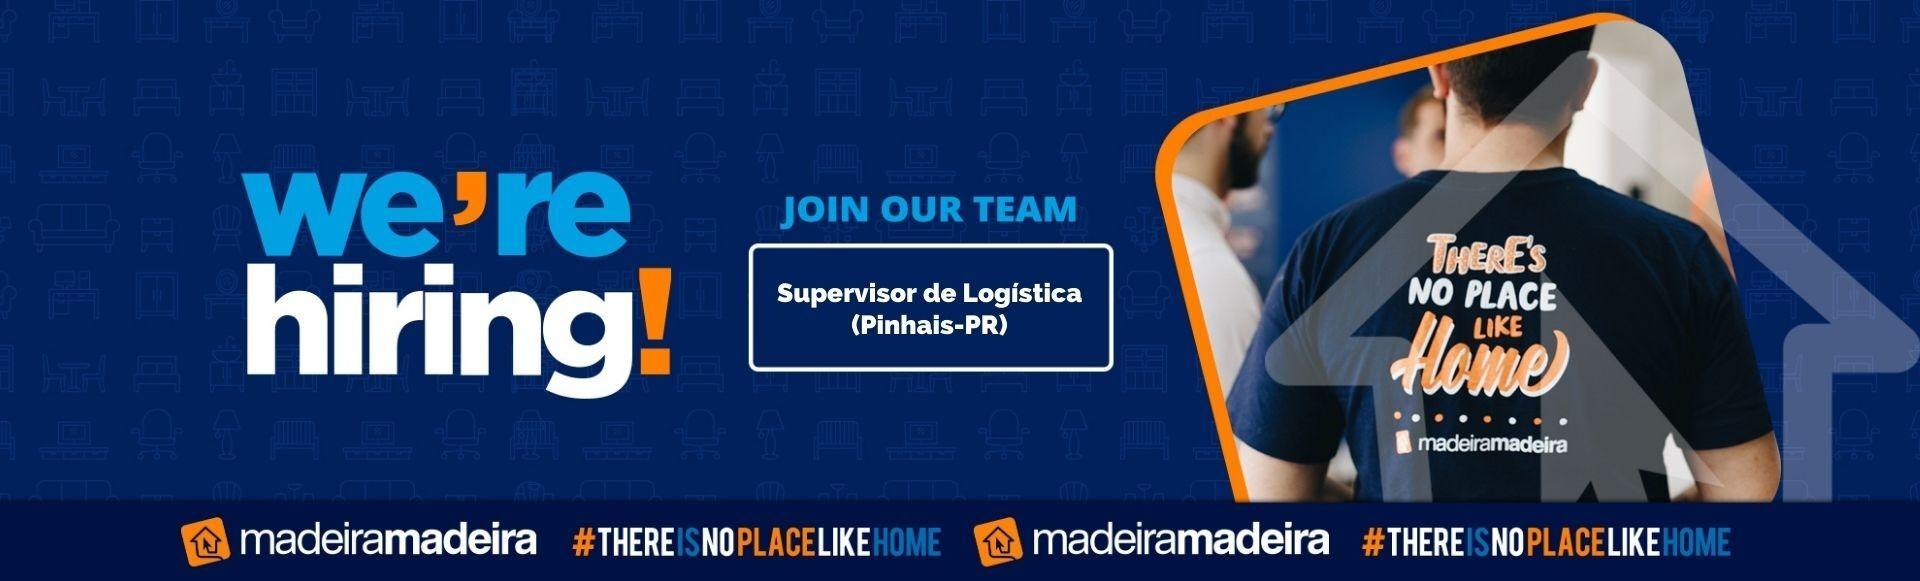 Supervisor de Logística (Pinhais-PR)